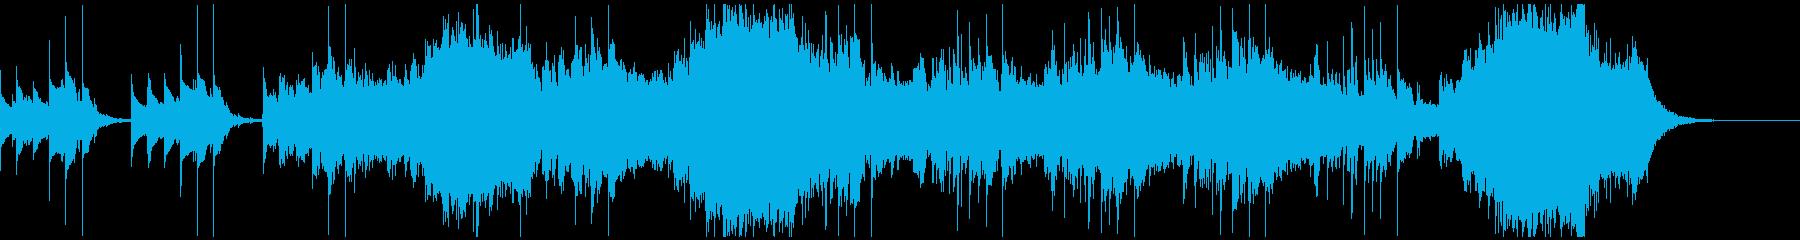 不気味に歪んだレトロな電子音のホラーSの再生済みの波形